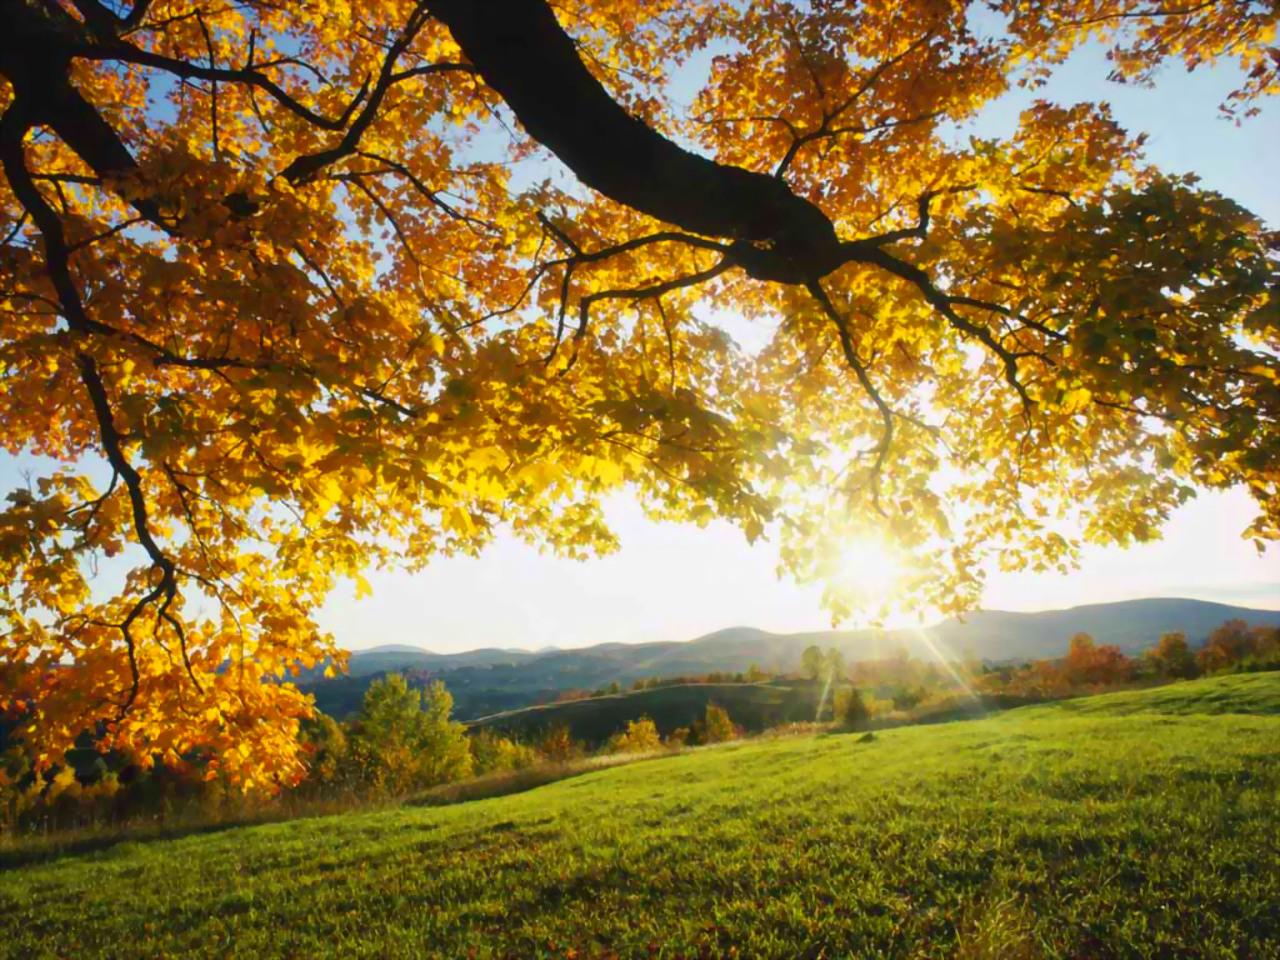 autumn wallpapers for desktop autumn wallpaper widescreen autumn 1280x960